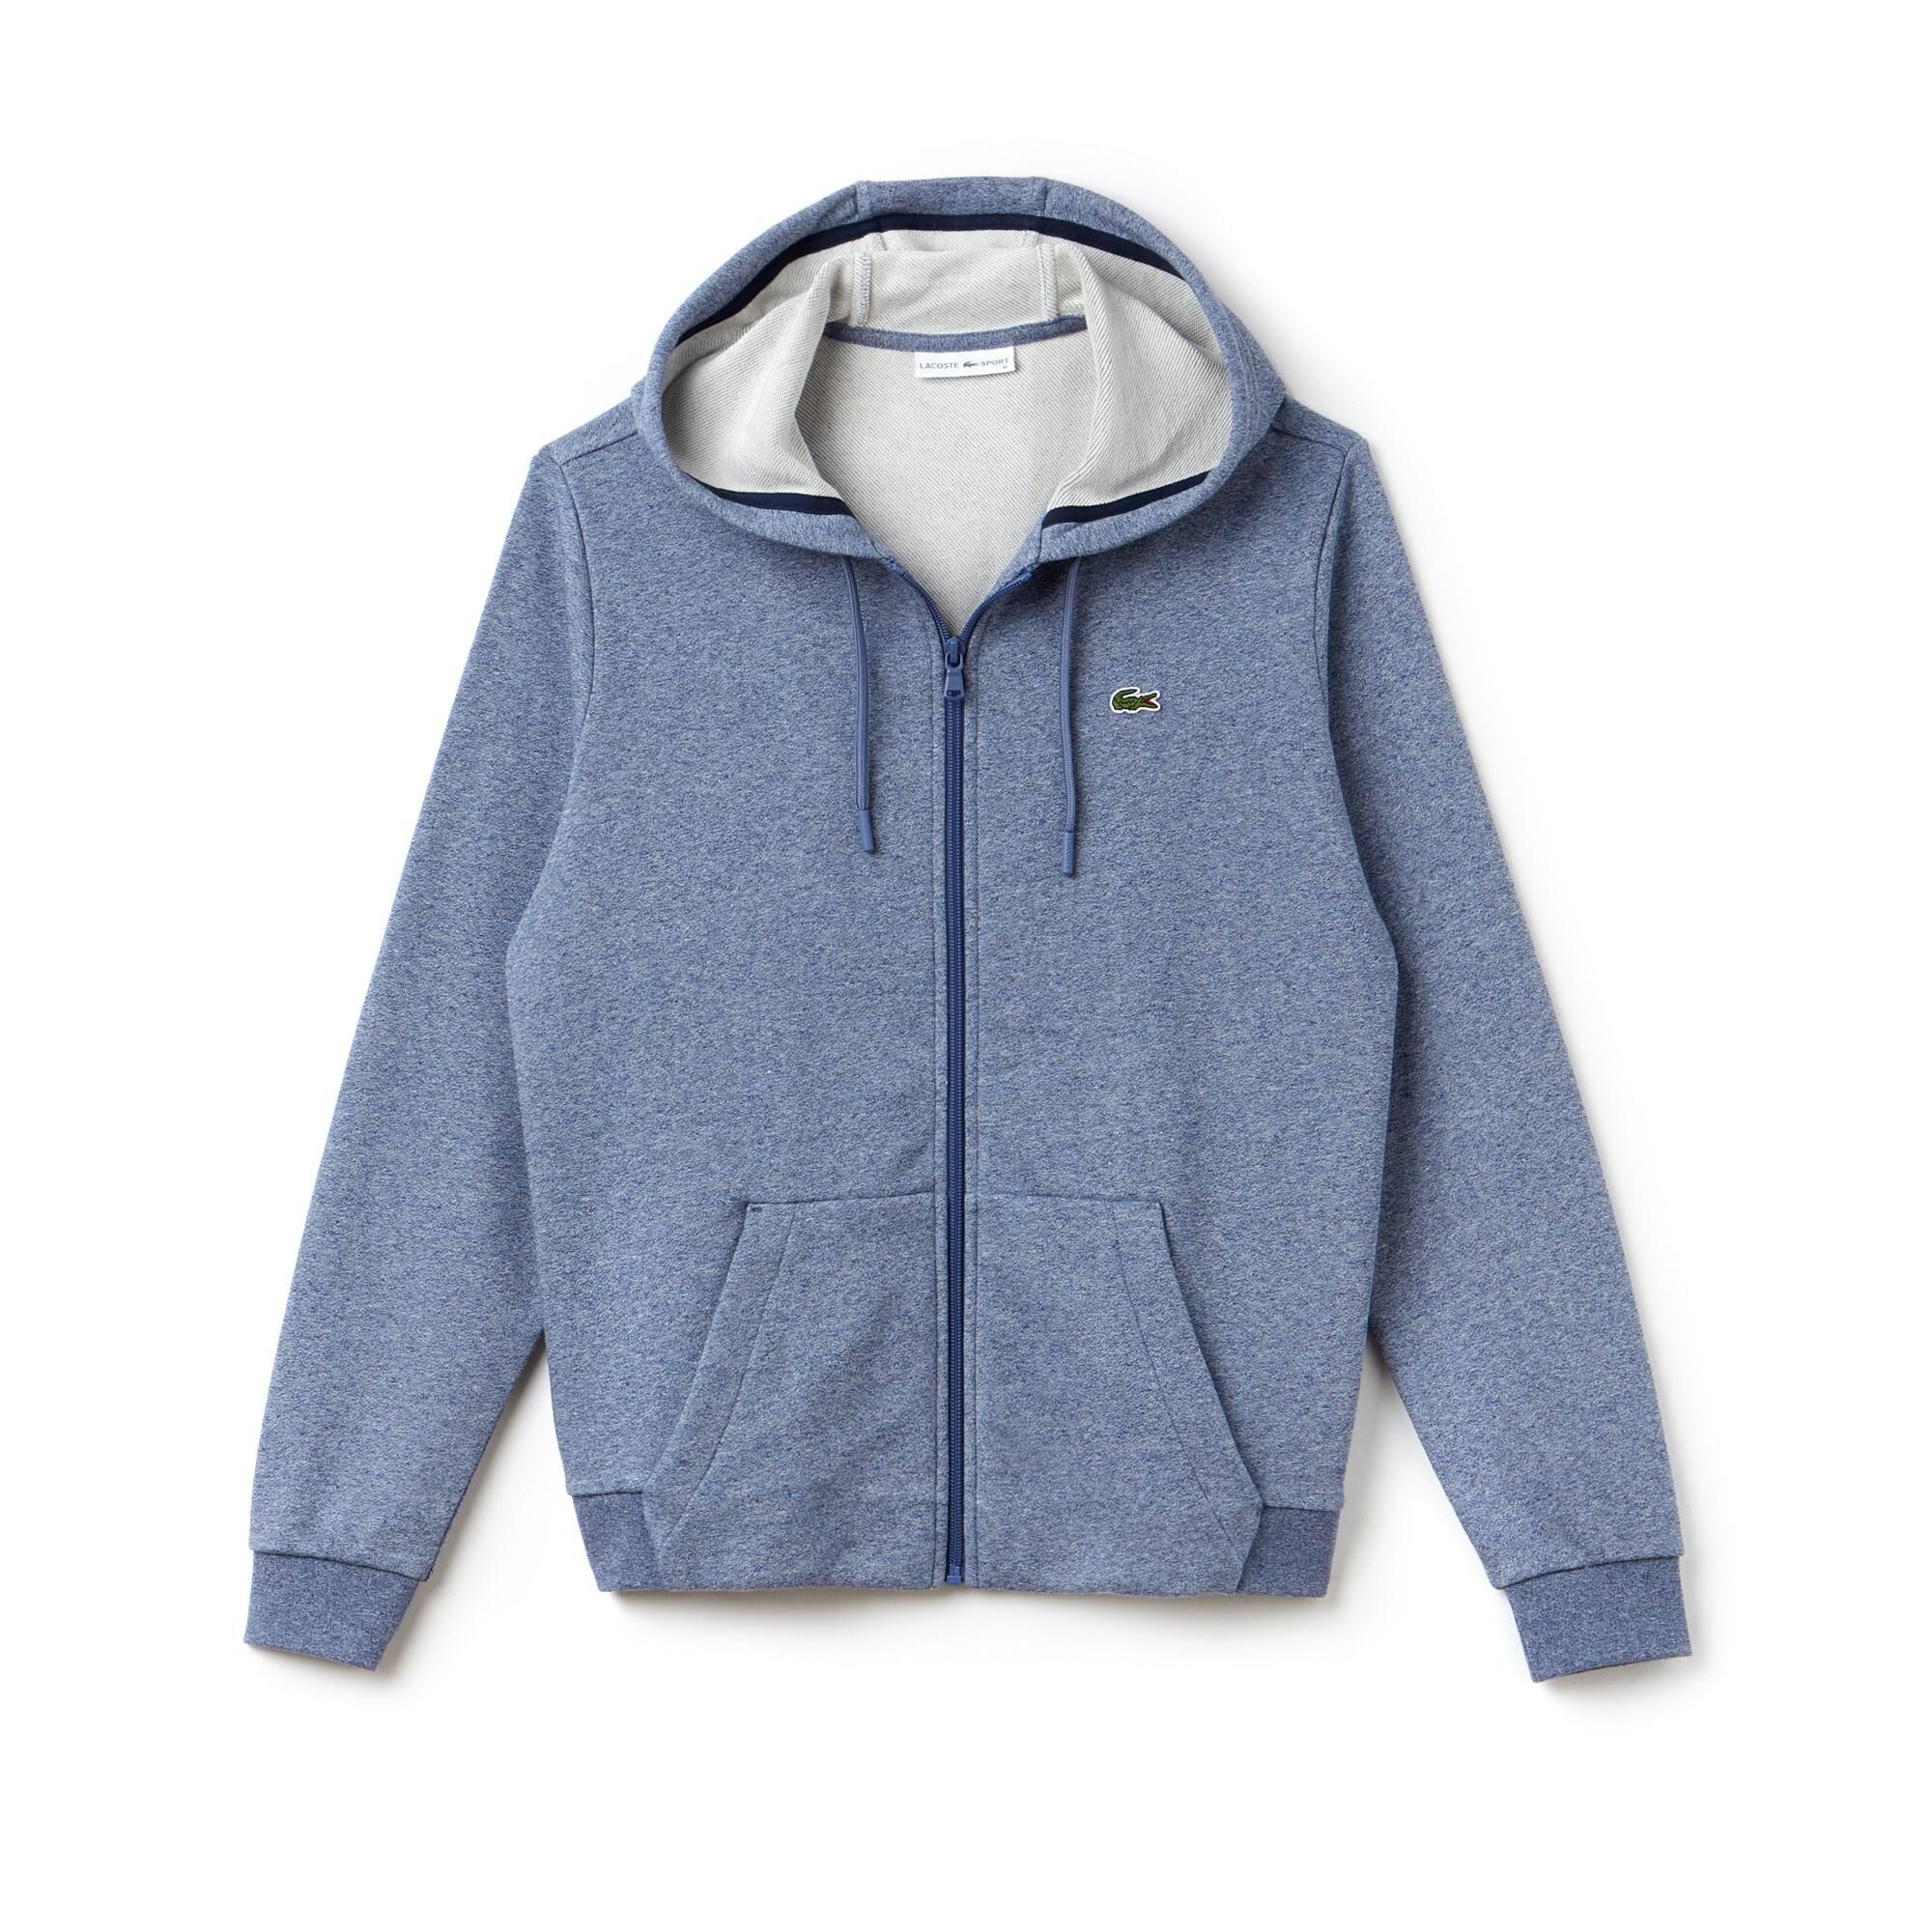 Tennis Lacoste SPORT sweater van molton met rits en capuchon